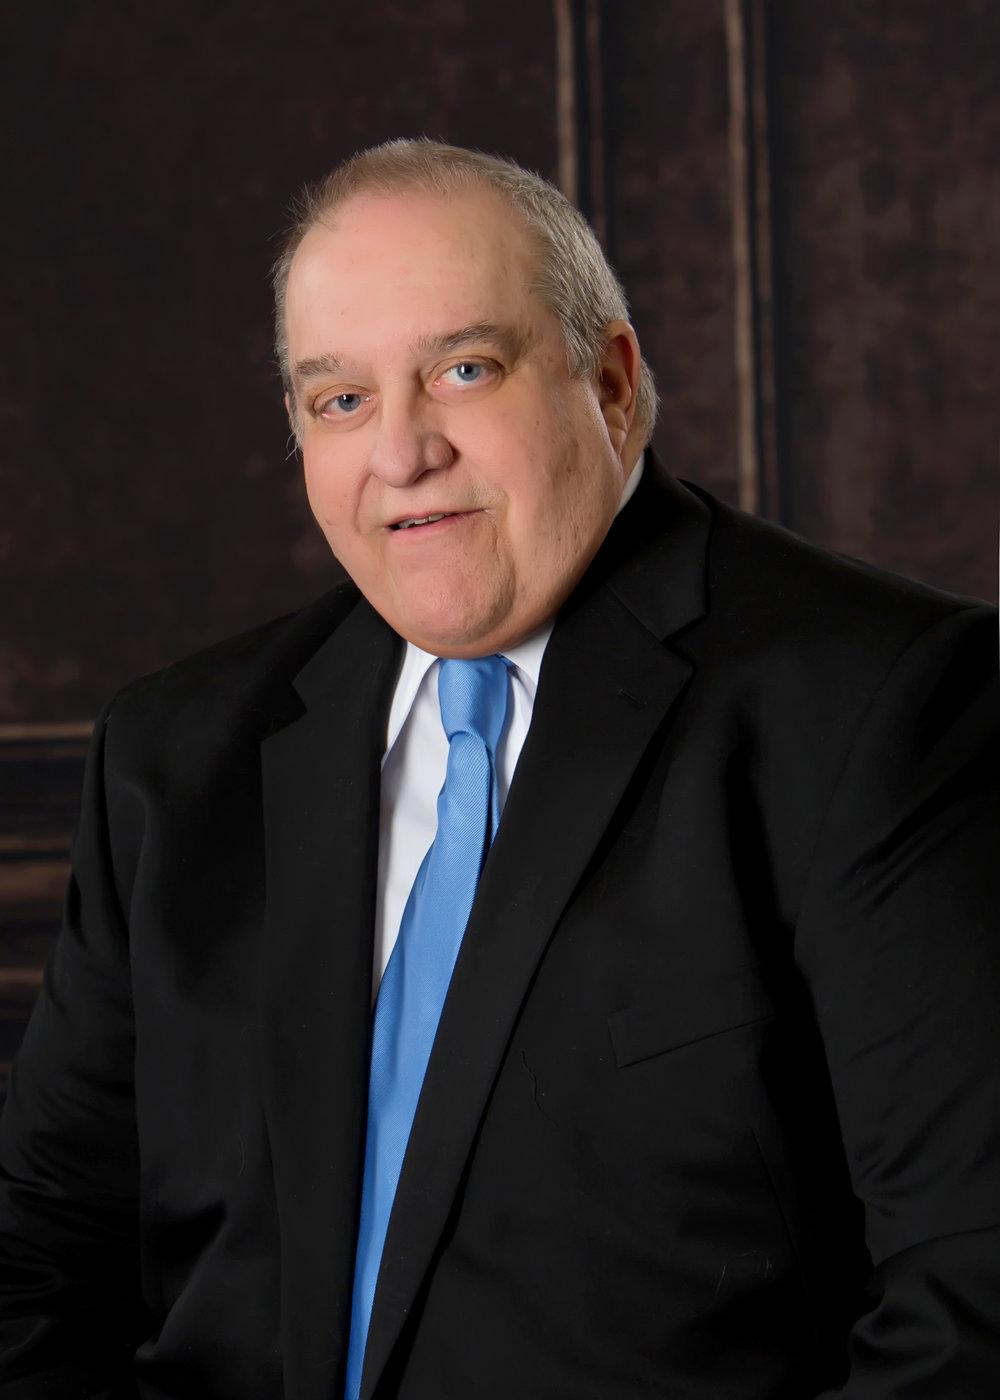 Kevin Spaeth, Attorney - kspaeth@capelawfirm.com